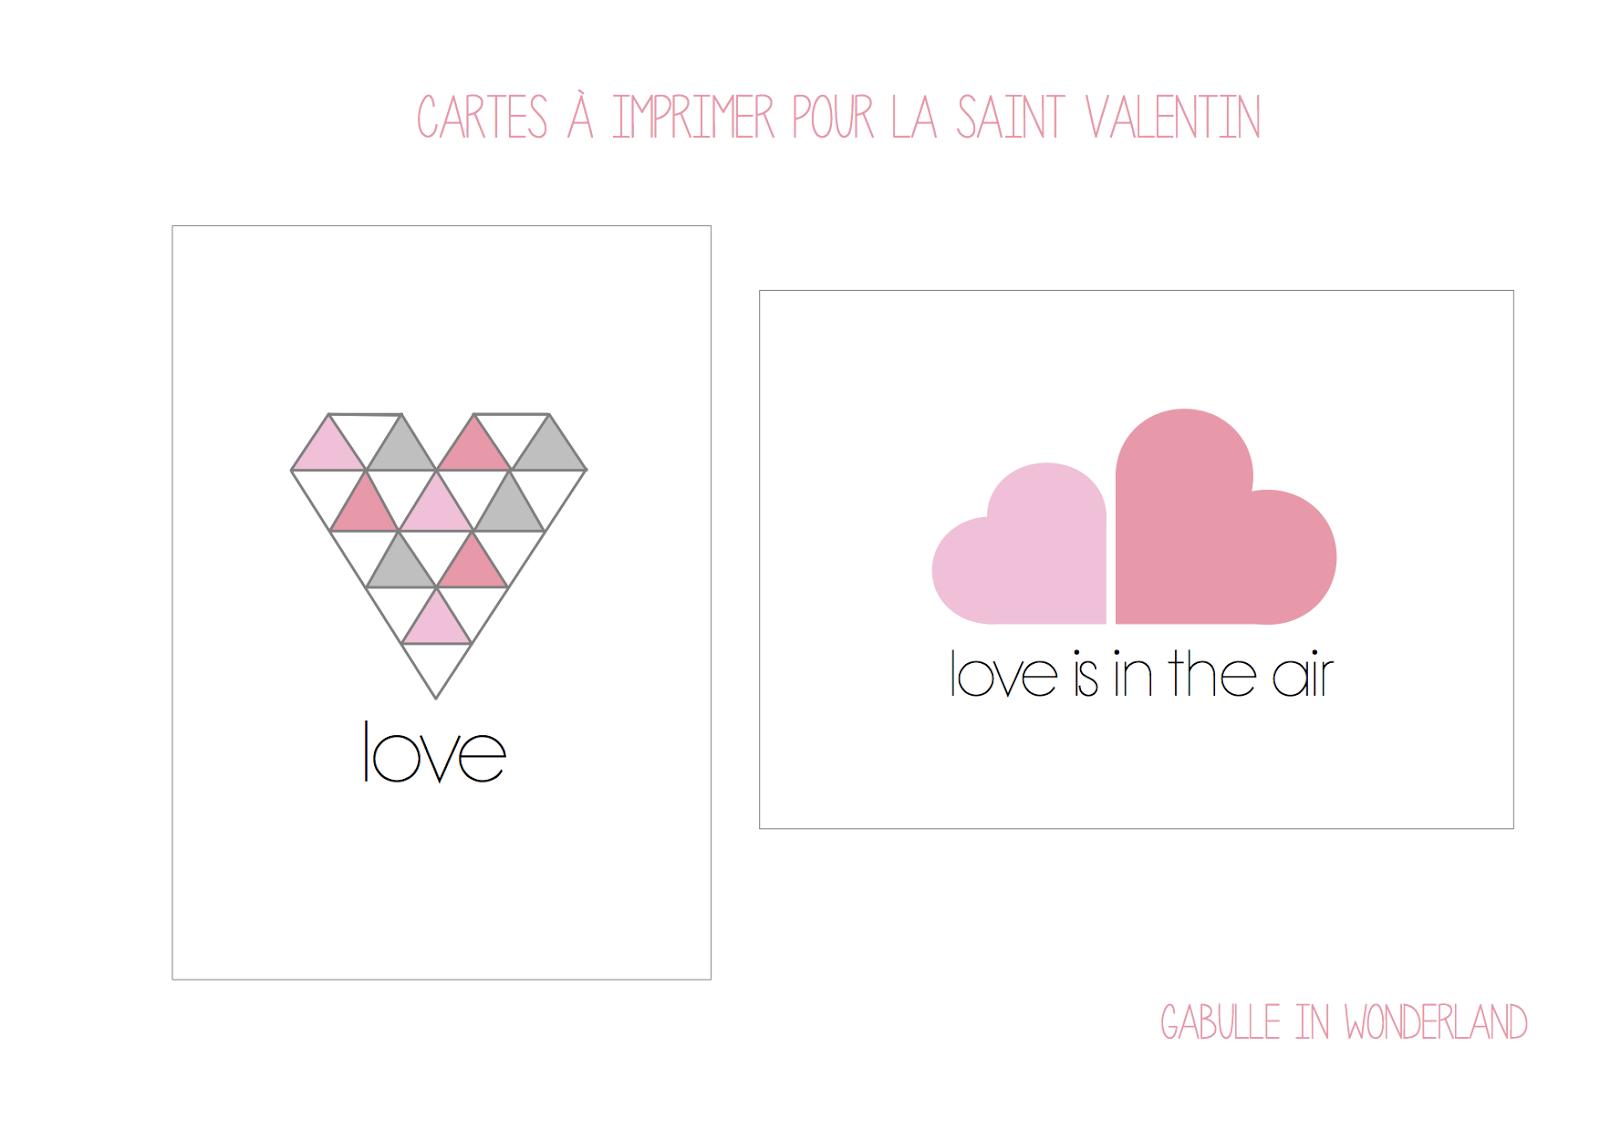 Gabulle in wonderland cartes imprimer pour la saint - Jolie carte st valentin gratuite ...